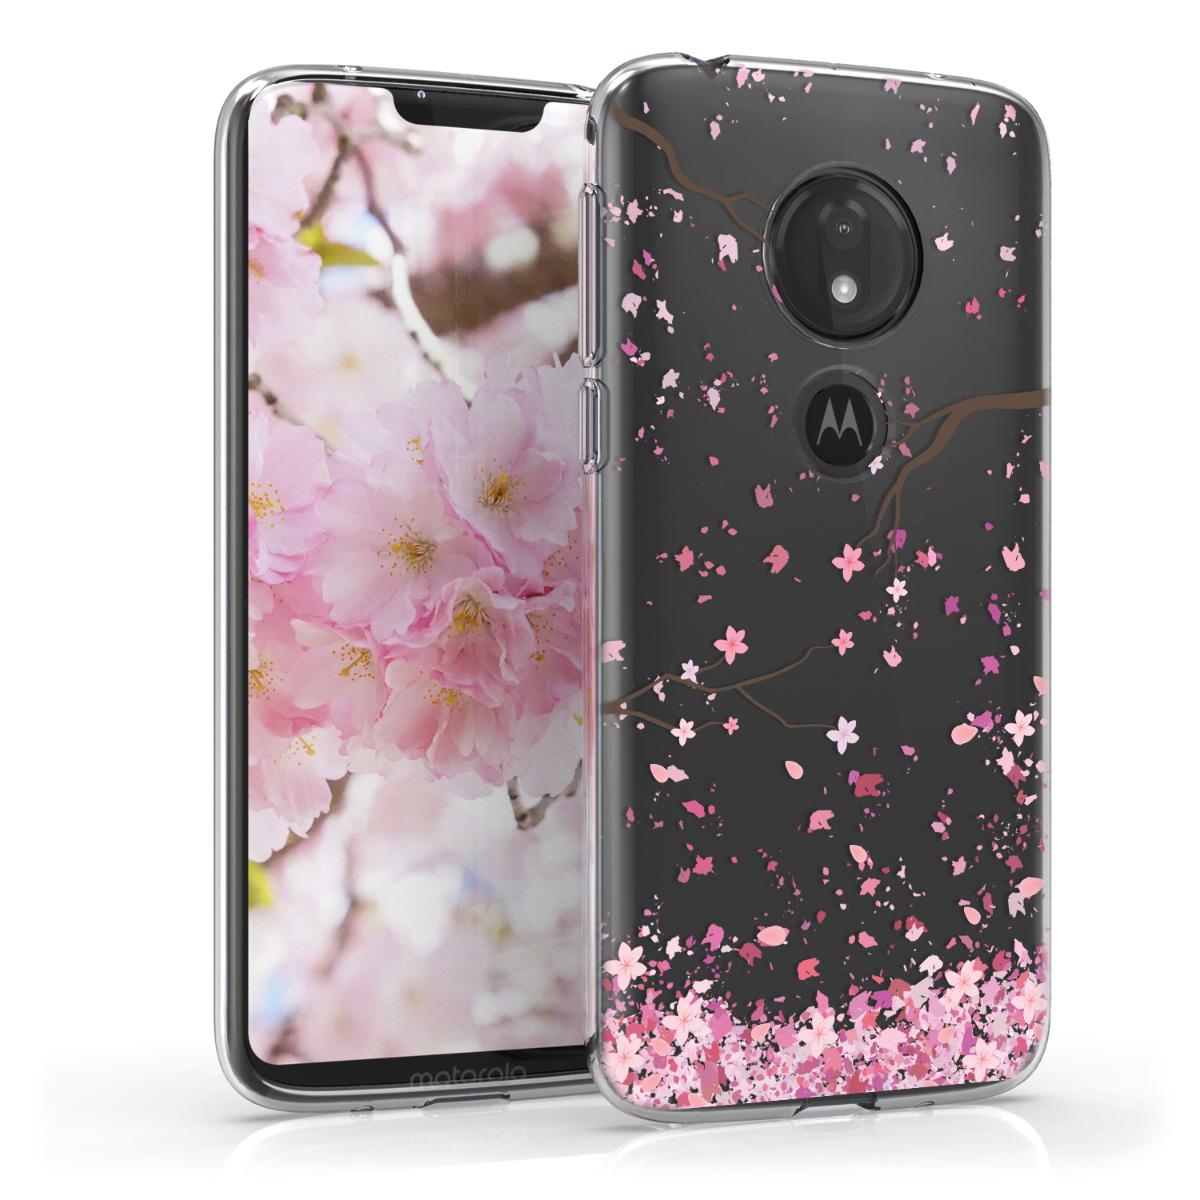 Kvalitní silikonové TPU pouzdro   obal pro Motorola Moto G7 Play (EU-Version) - Třešňové květy Růžová / Tmavě hnědá / Transparentní